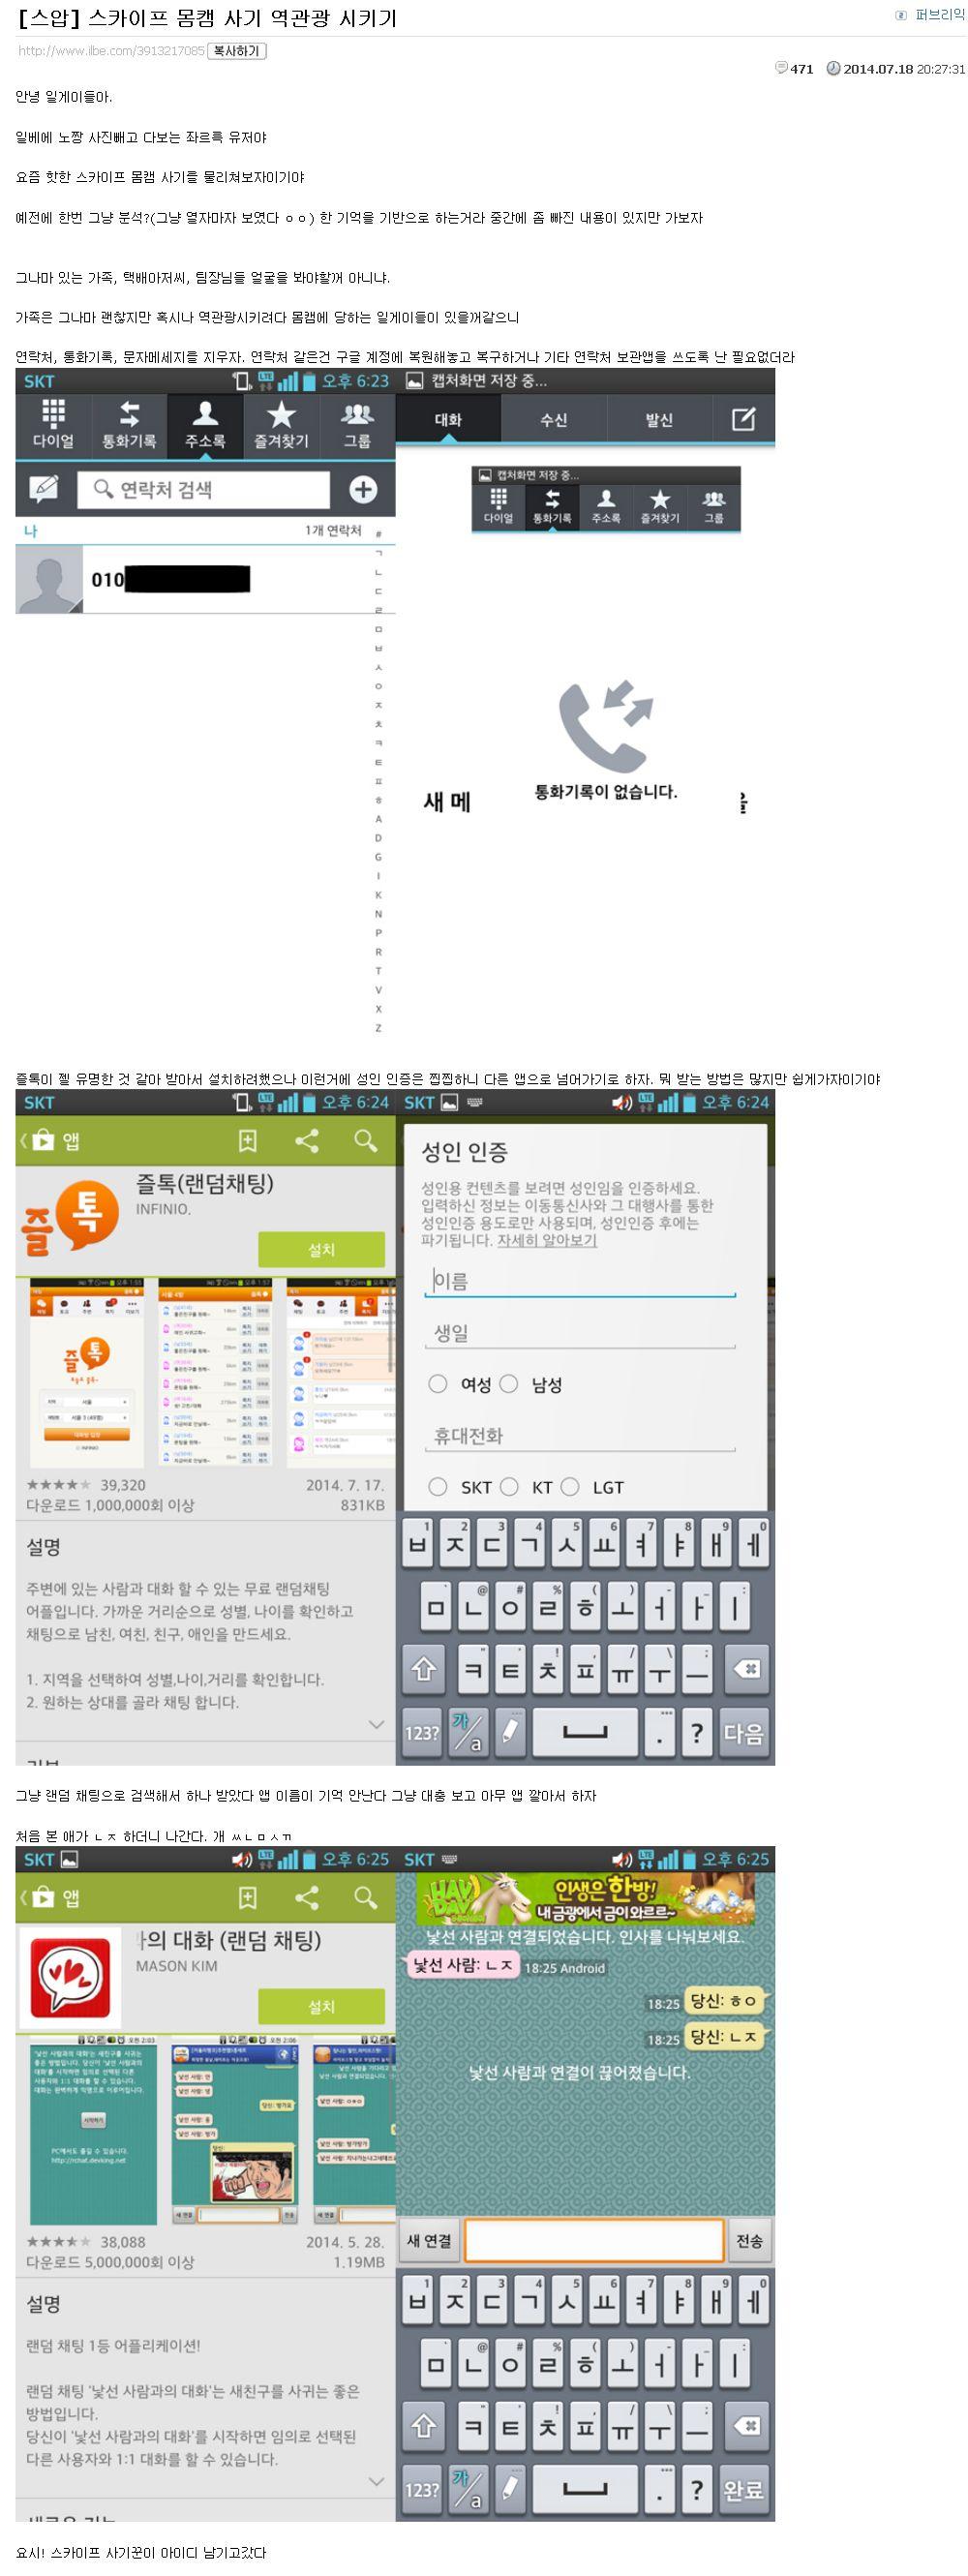 중국 조선족 스카이프 몸캠 사기 역관광 시키기